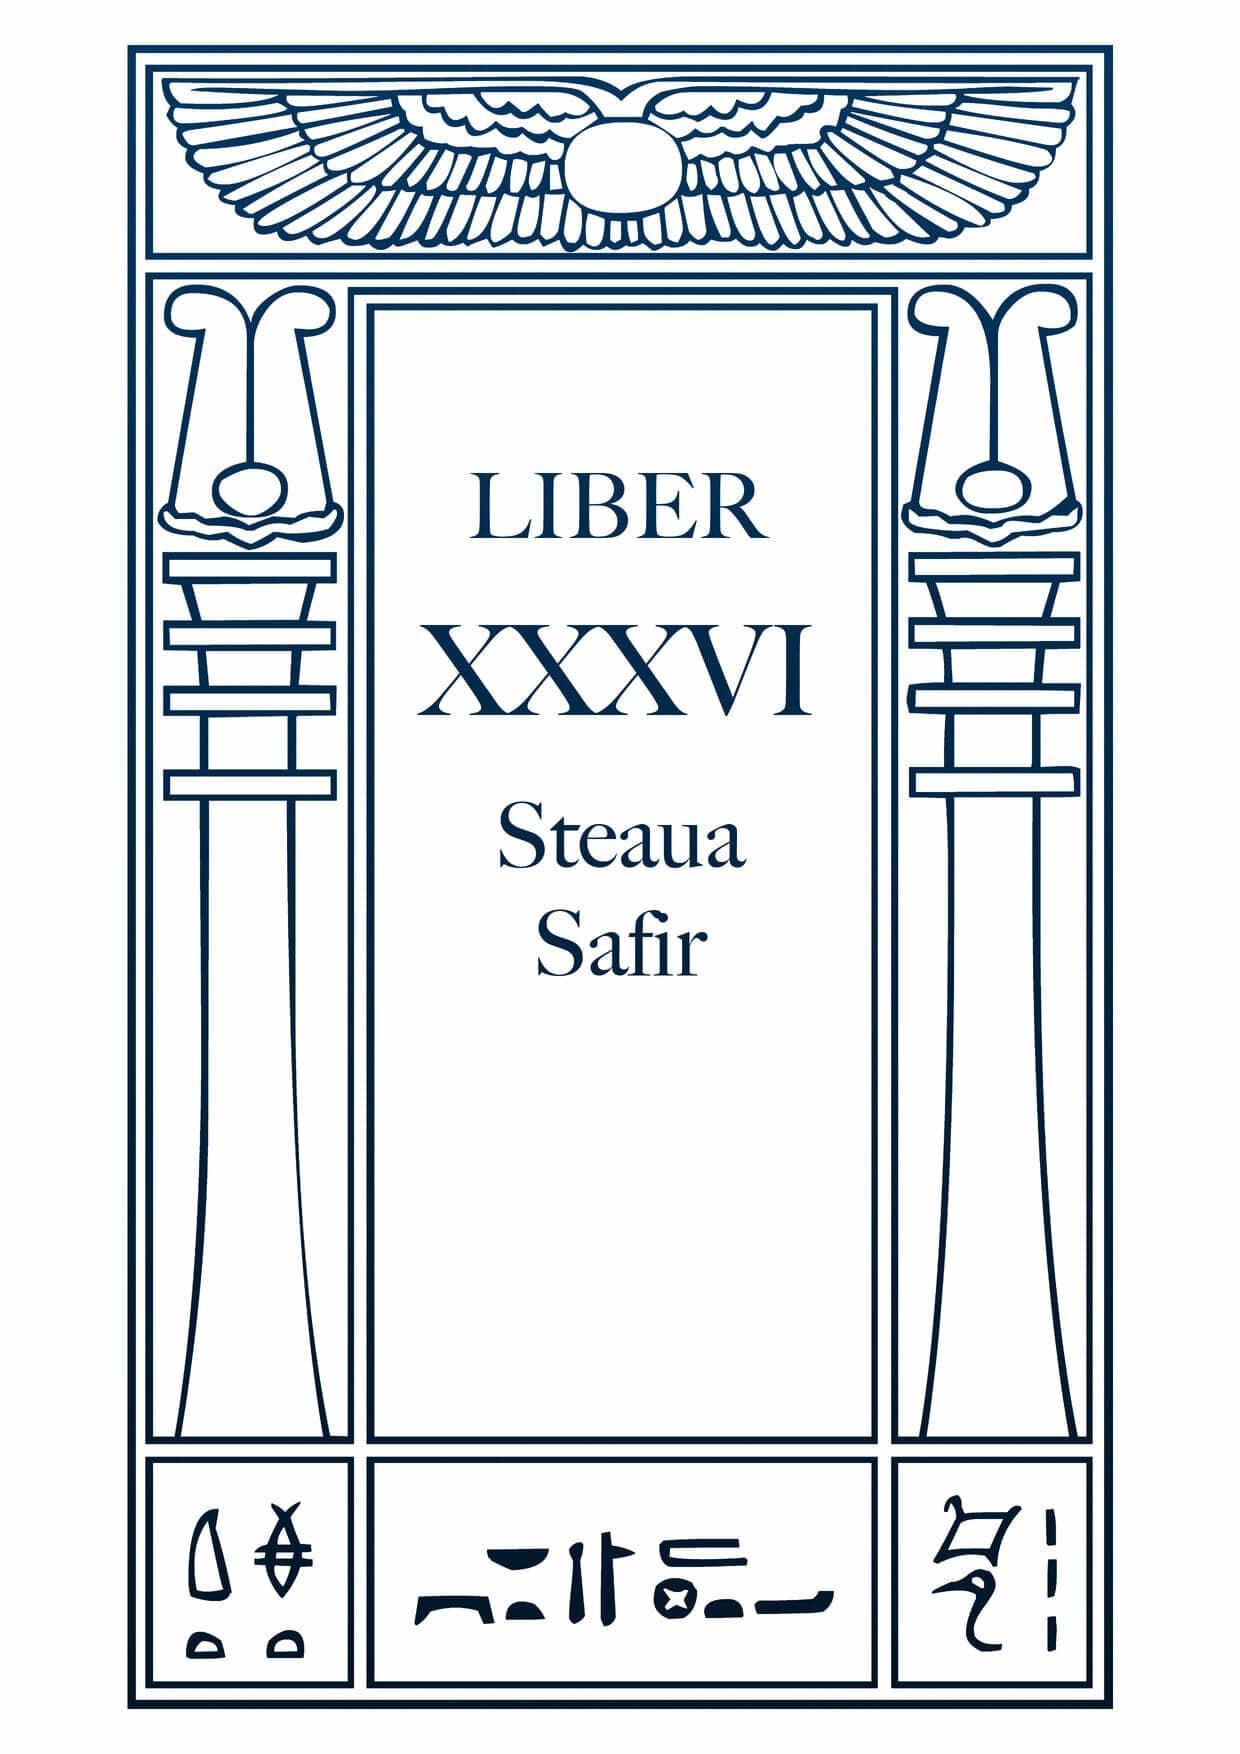 Liber XXXVI – Steaua Safir